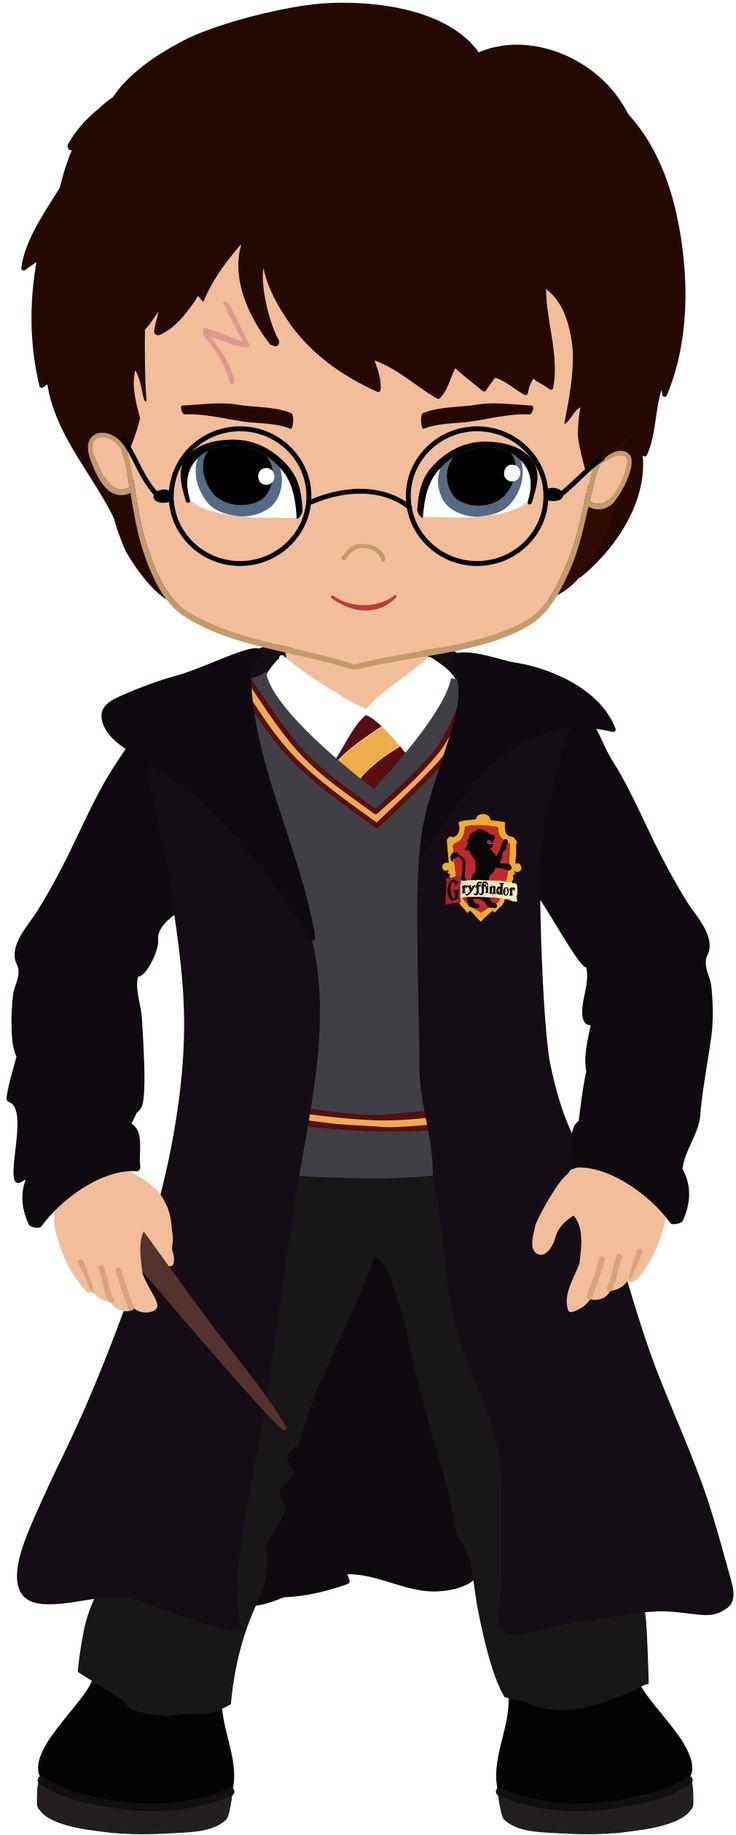 Free Harry Potter Clip Art Pictures - Clipartix - Free Printable Harry Potter Clip Art